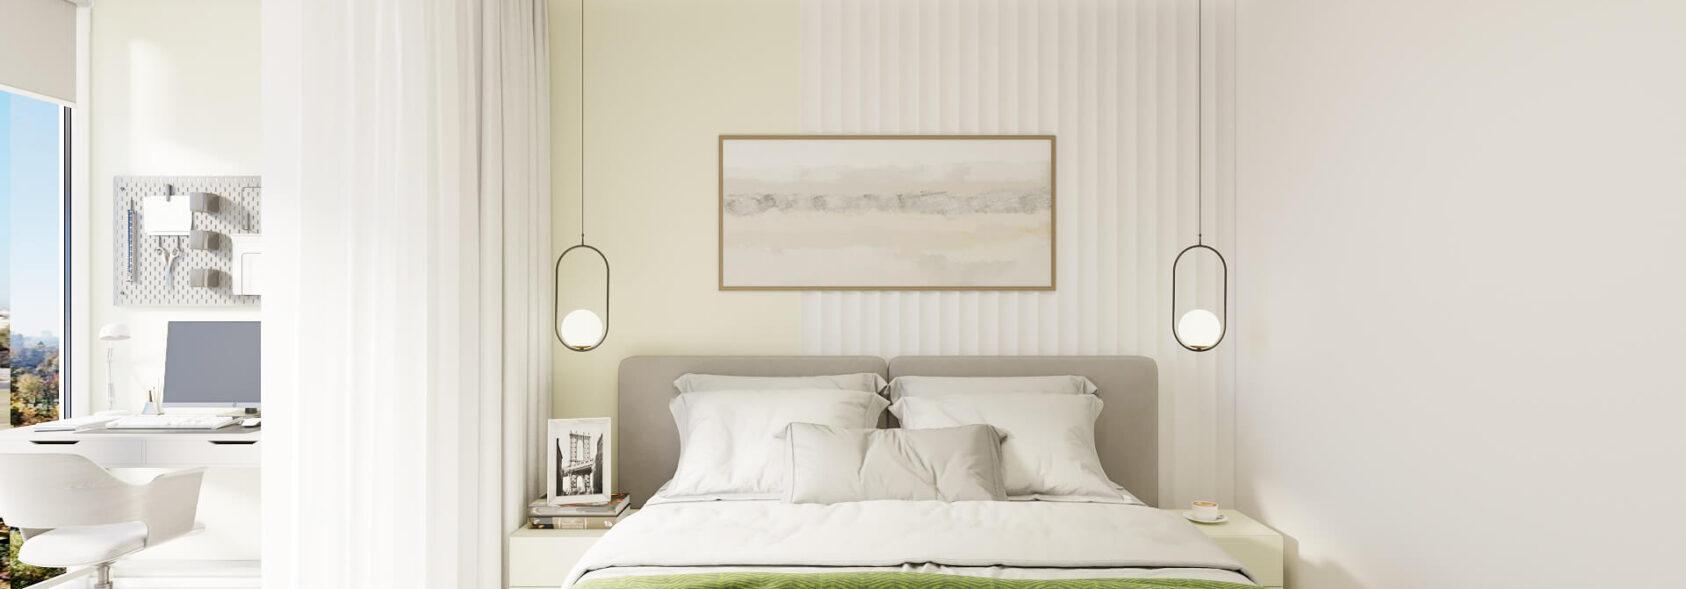 Дизайн квартиры под сдачу интерьер спальни